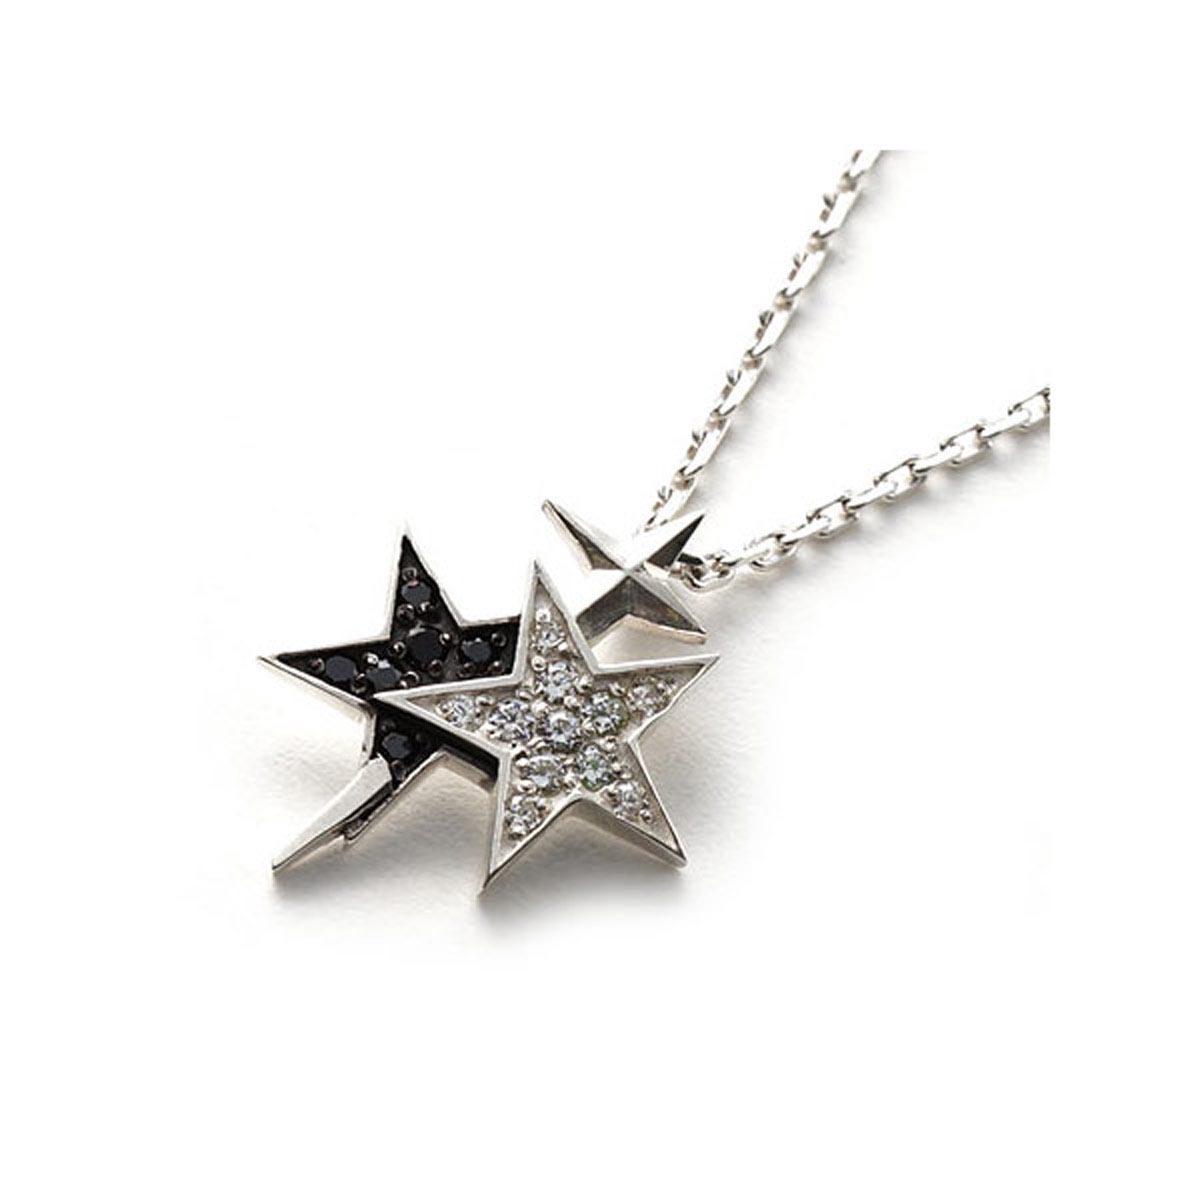 ガーデル GARDEL ネックレス メンズ レディース ギフト プレゼント gdp098 sv cz bk LAYERED STAR【返品交換不可】【ラッピング無料】